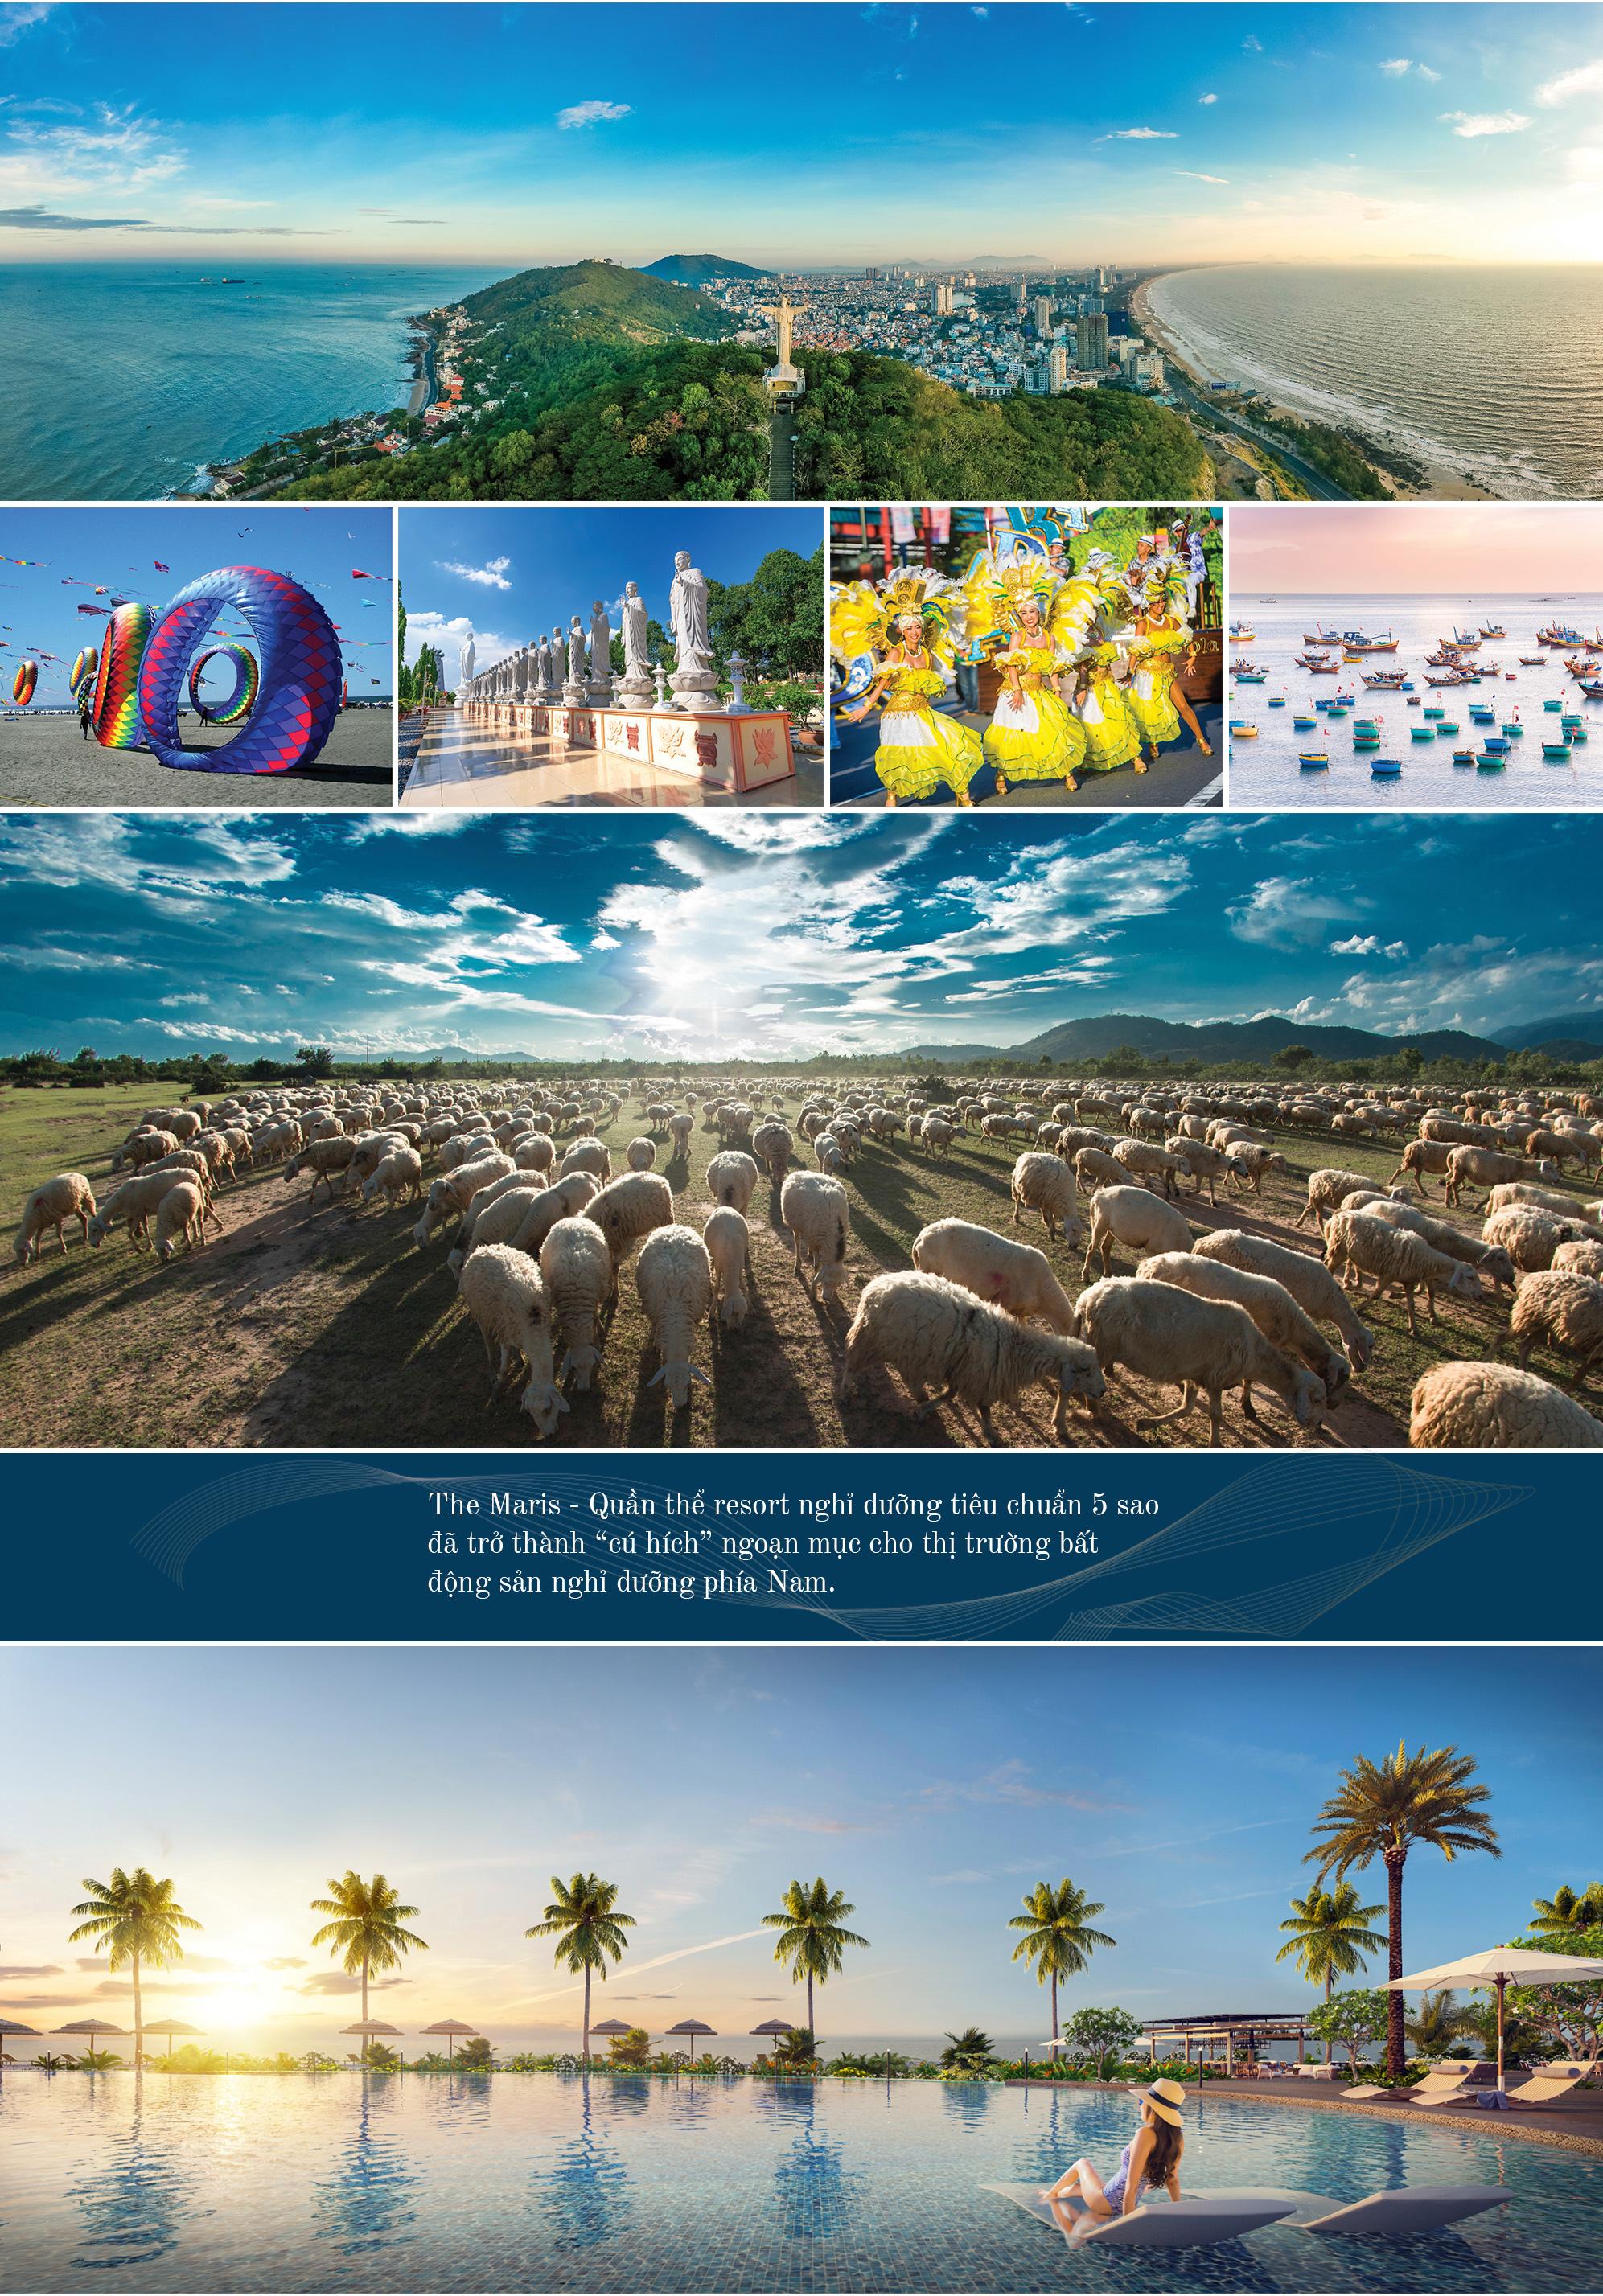 Chuỗi giá trị kiêu hãnh giúp The Maris vươn xa trên bản đồ du lịch Việt Nam - Ảnh 2.